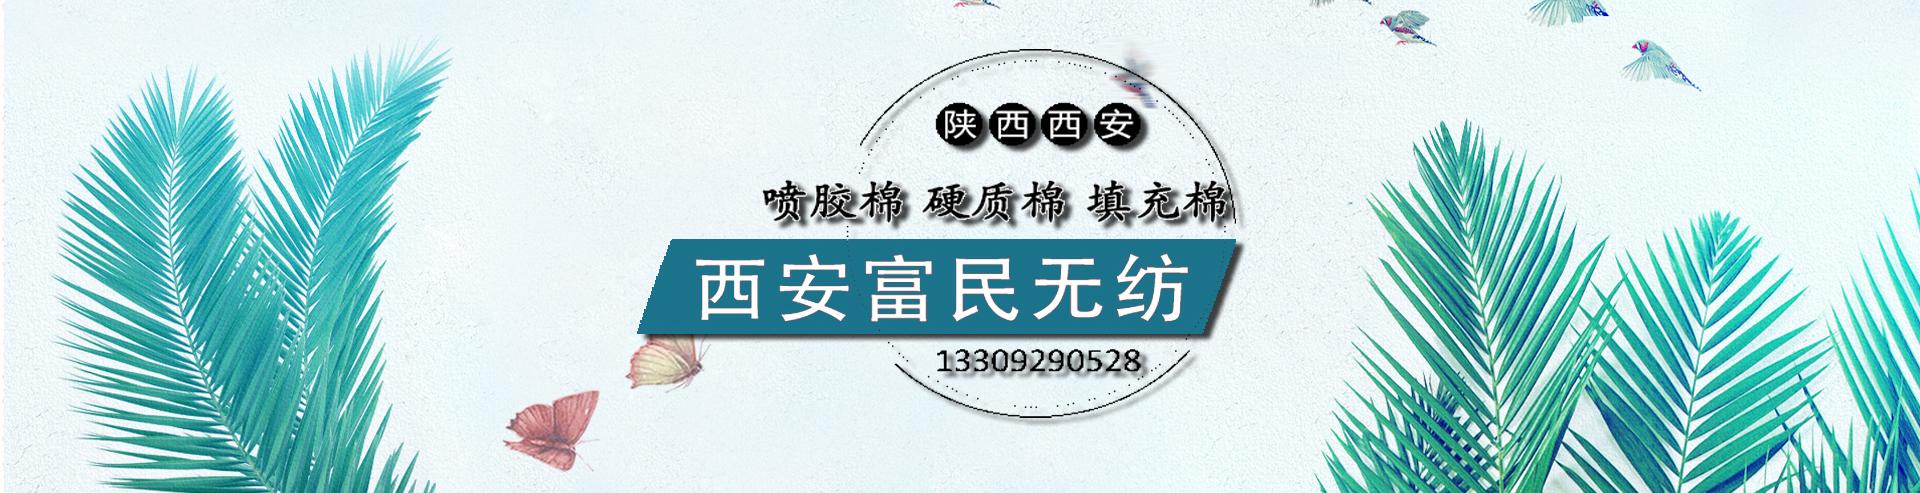 西安富民无纺有限公司是西北专业喷胶棉、复合棉、针刺棉、硬质棉、填充棉、手塞棉生产基地